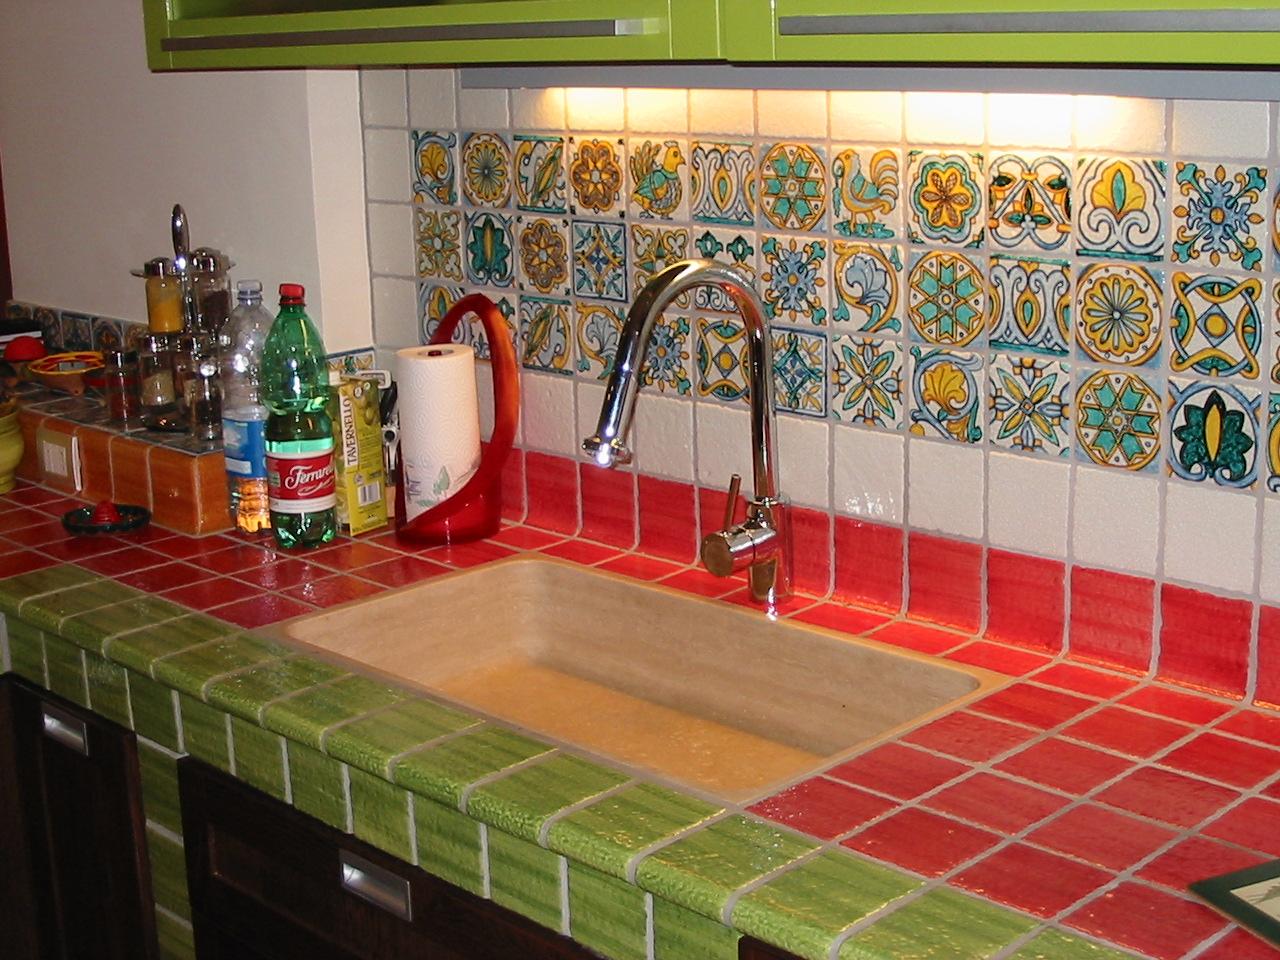 Piastrelle cucina siciliane: piastrelle cucina siciliane: nuovo